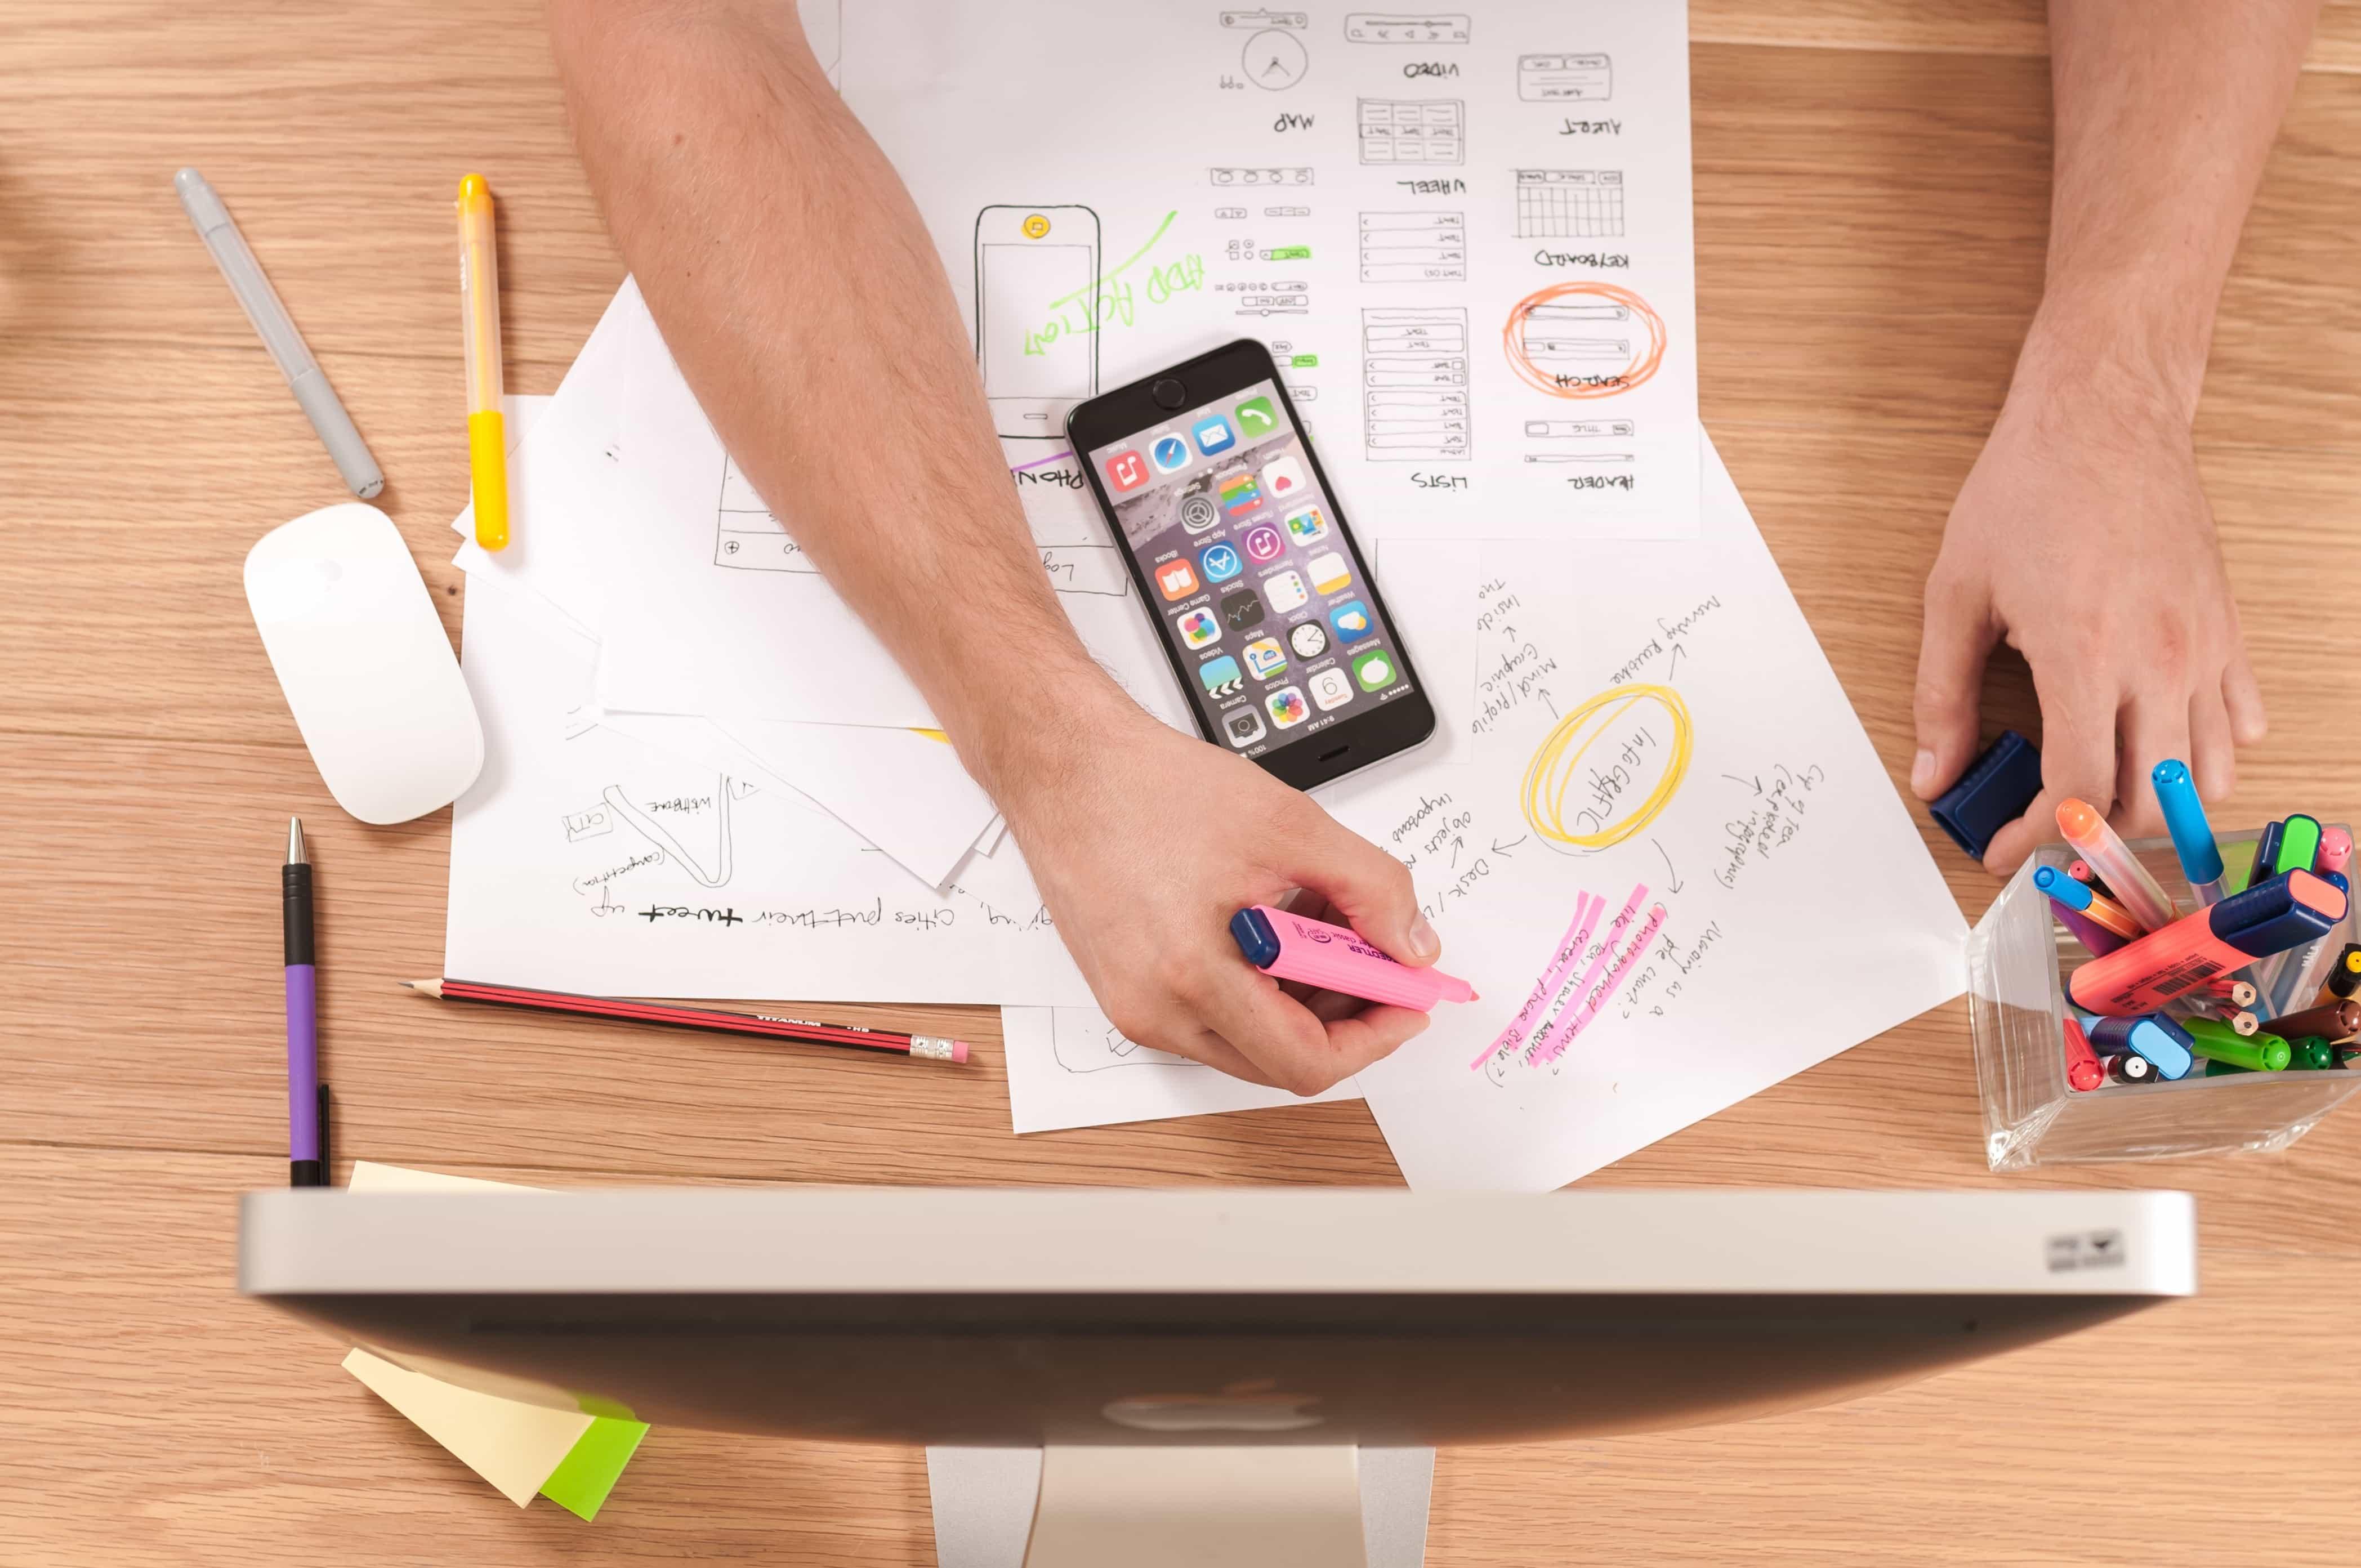 Marketing Digital. 3 consejos para sortear los desafíos iniciales.